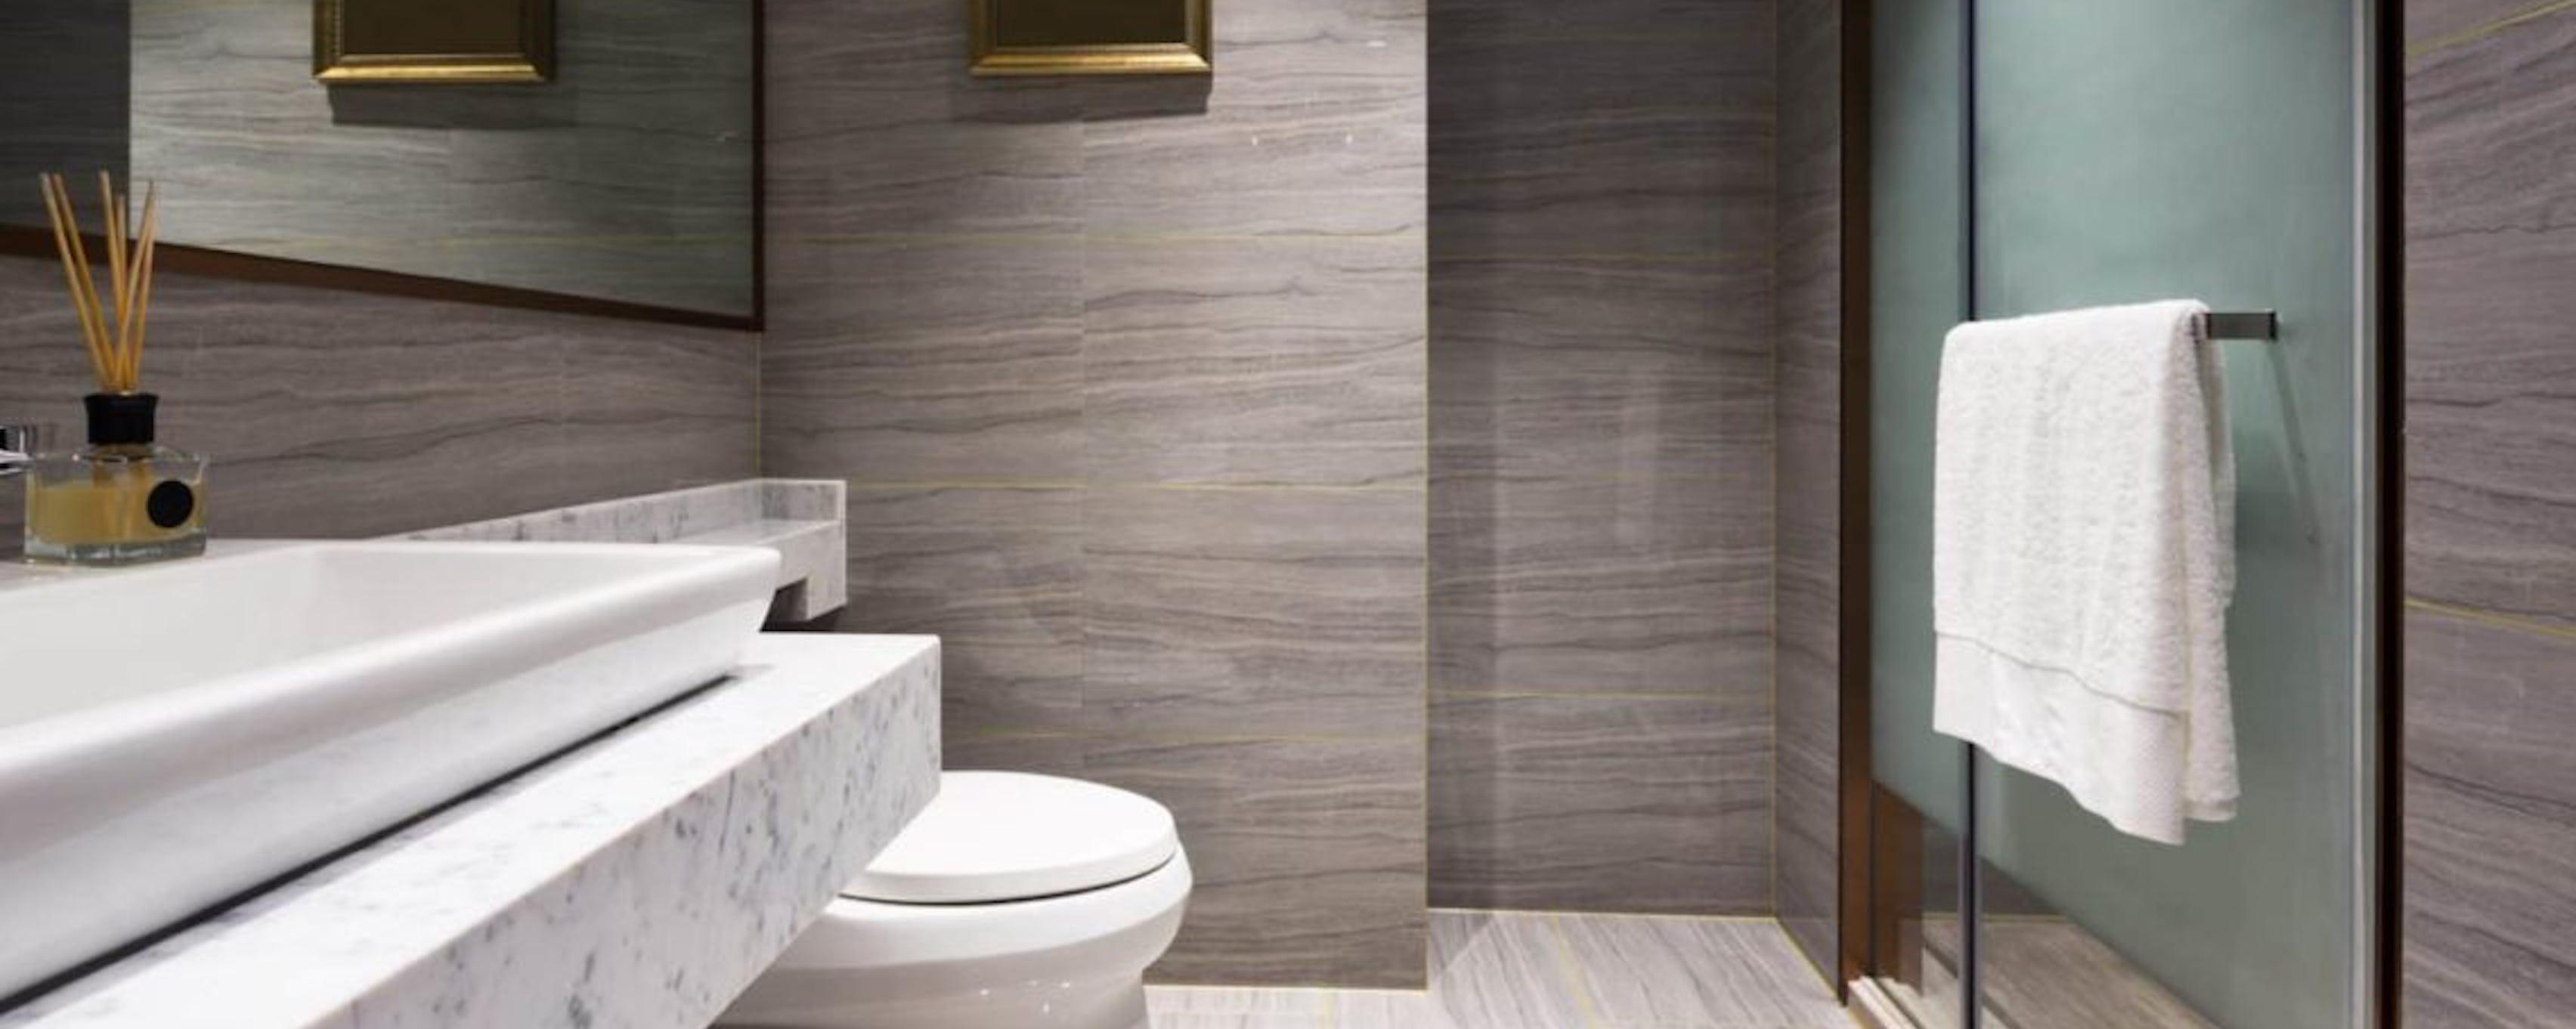 Prix rénovation de salle de bains : budget moyen à prévoir en 20.